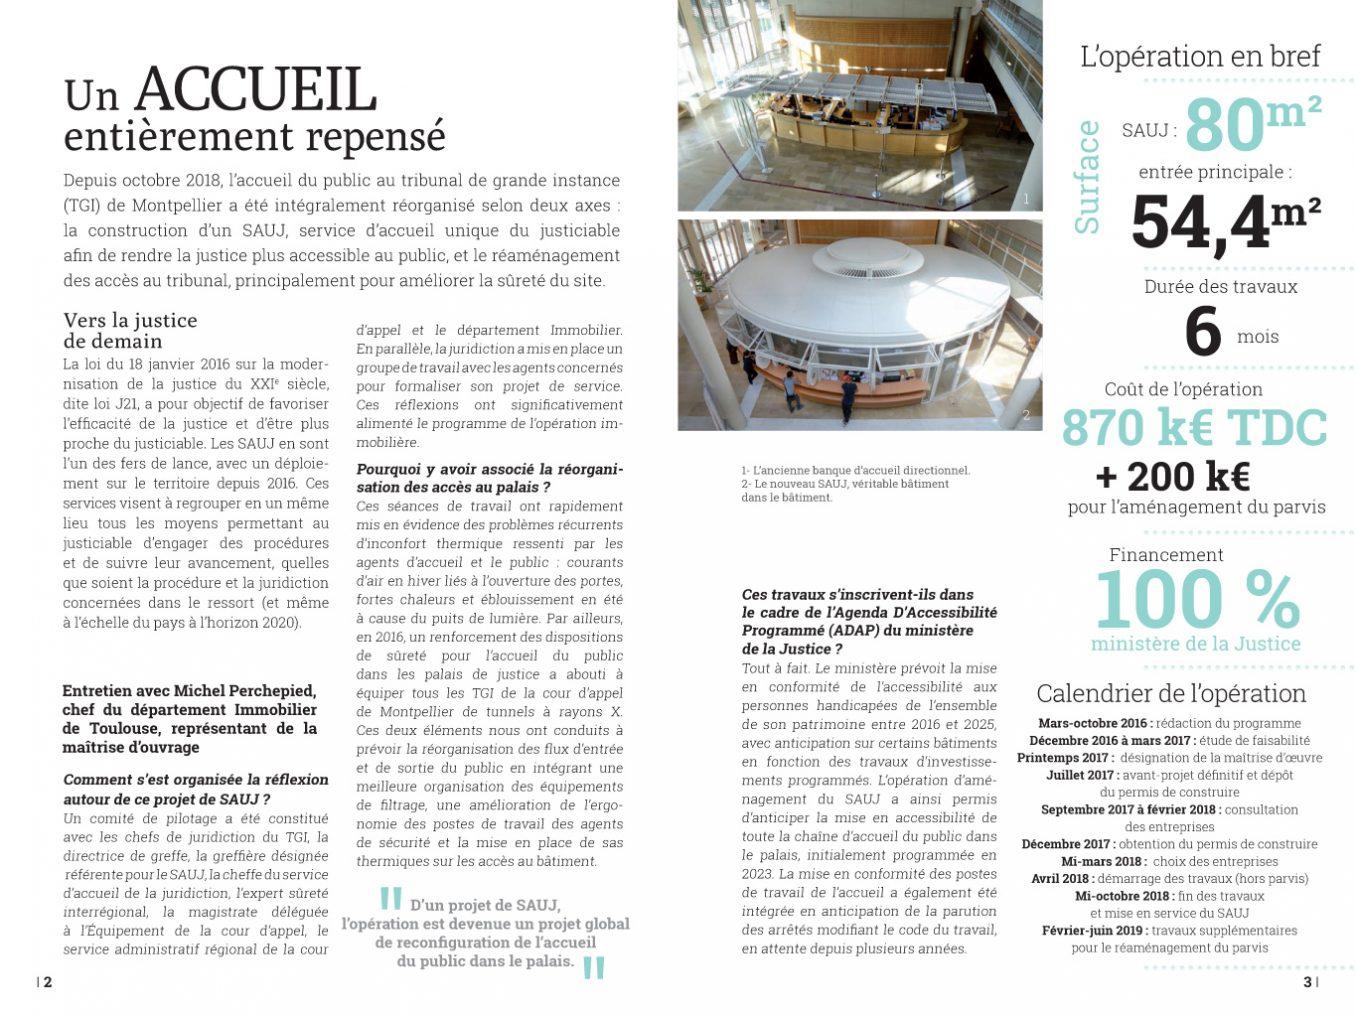 Traverses - plaquette SAUJ du tribunal Montpellier - pages 2-3